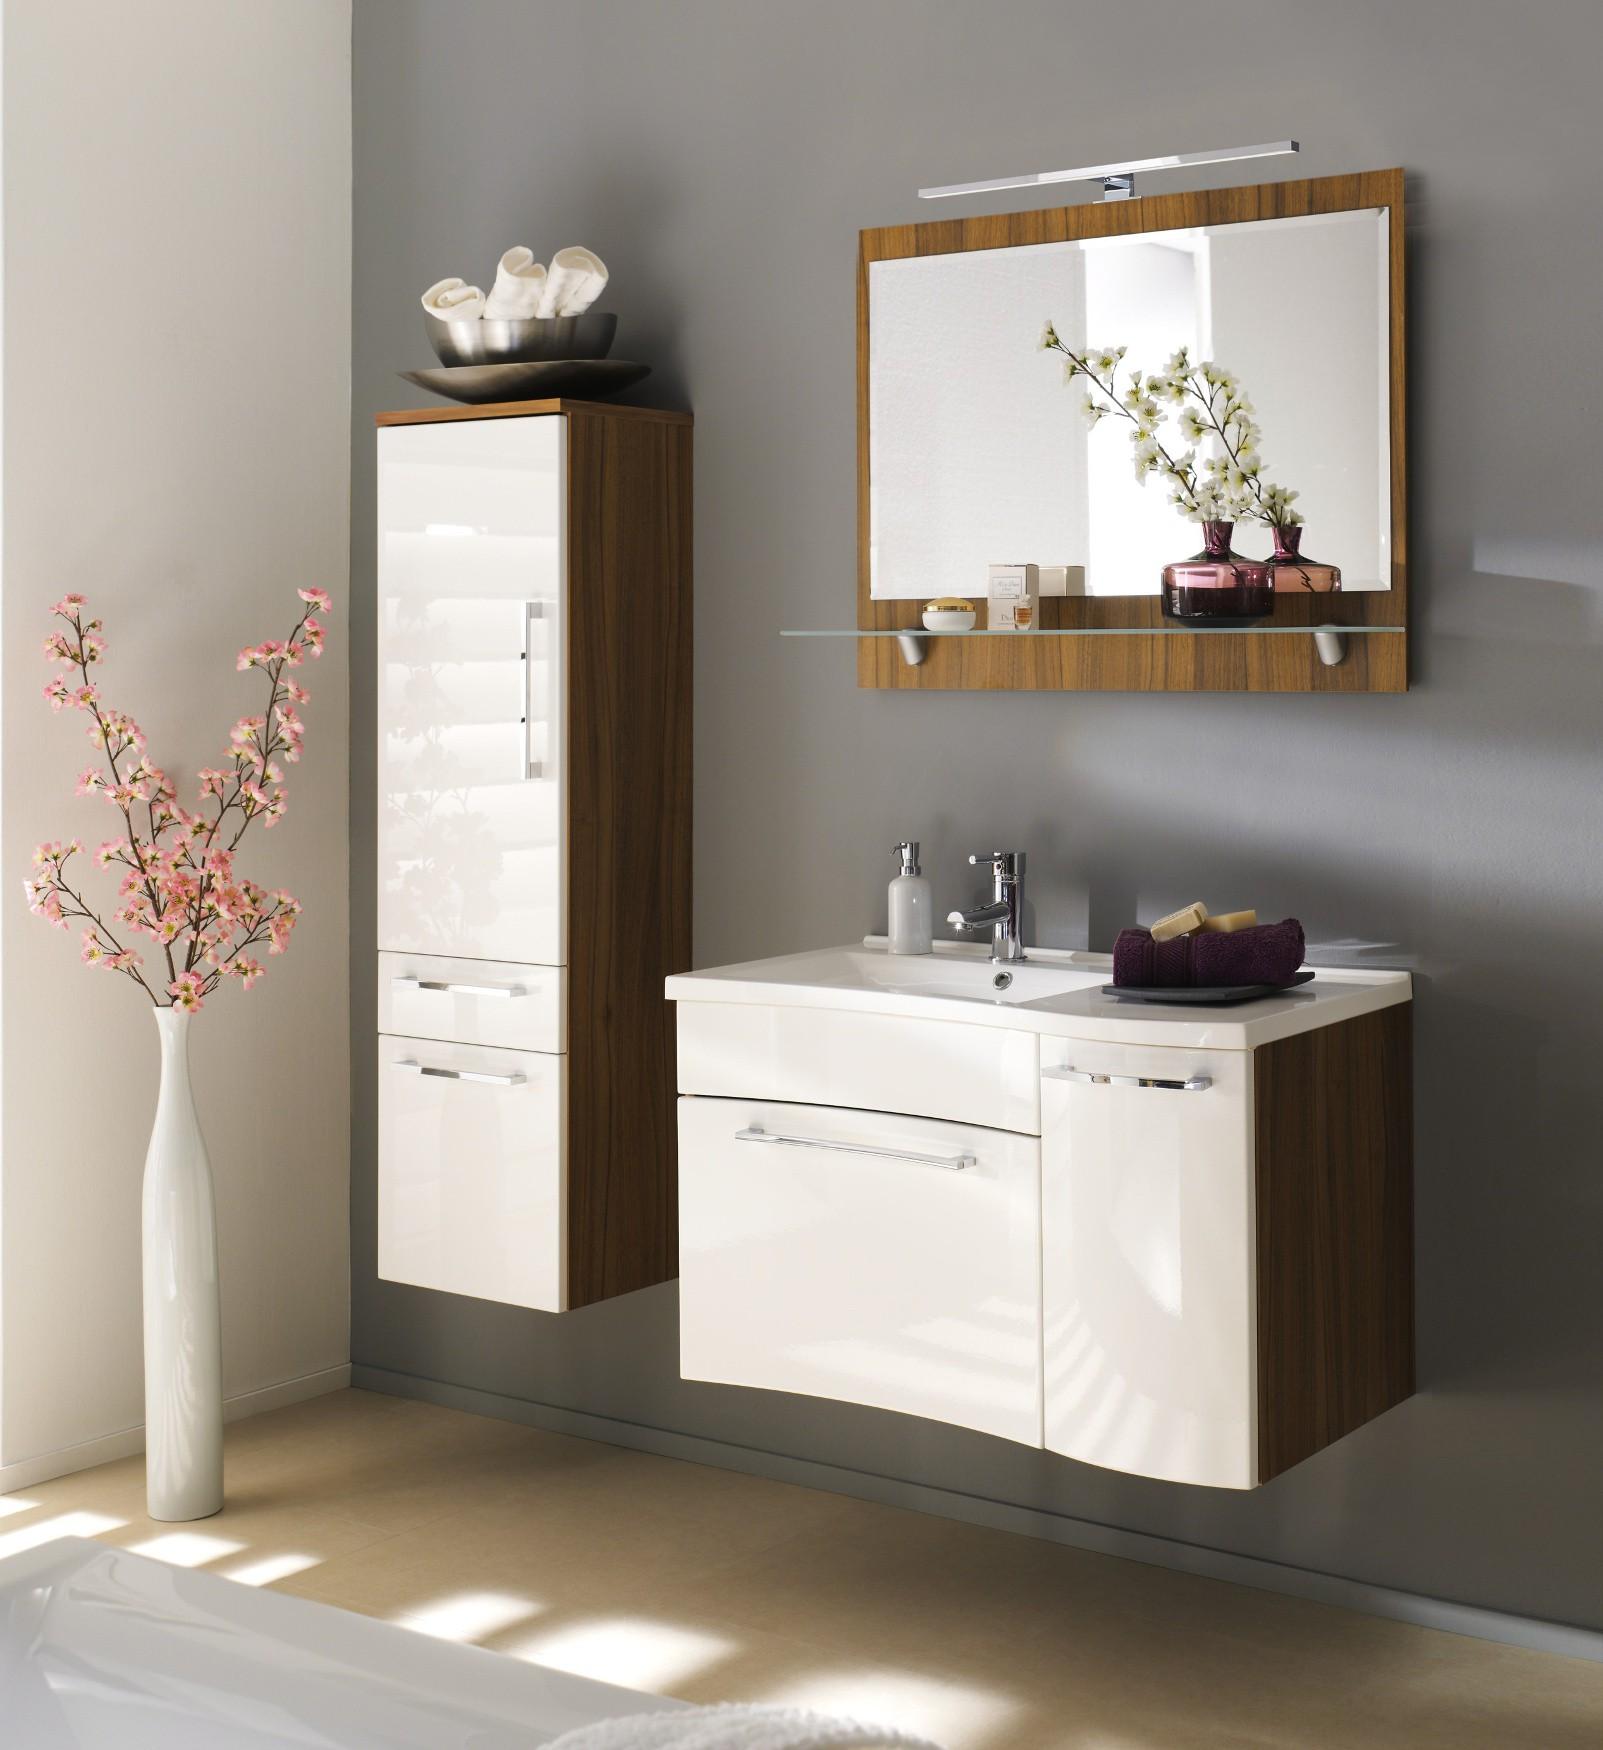 badm bel set laonda mit spiegel 5 teilig 130 cm breit wei bad badm belsets. Black Bedroom Furniture Sets. Home Design Ideas